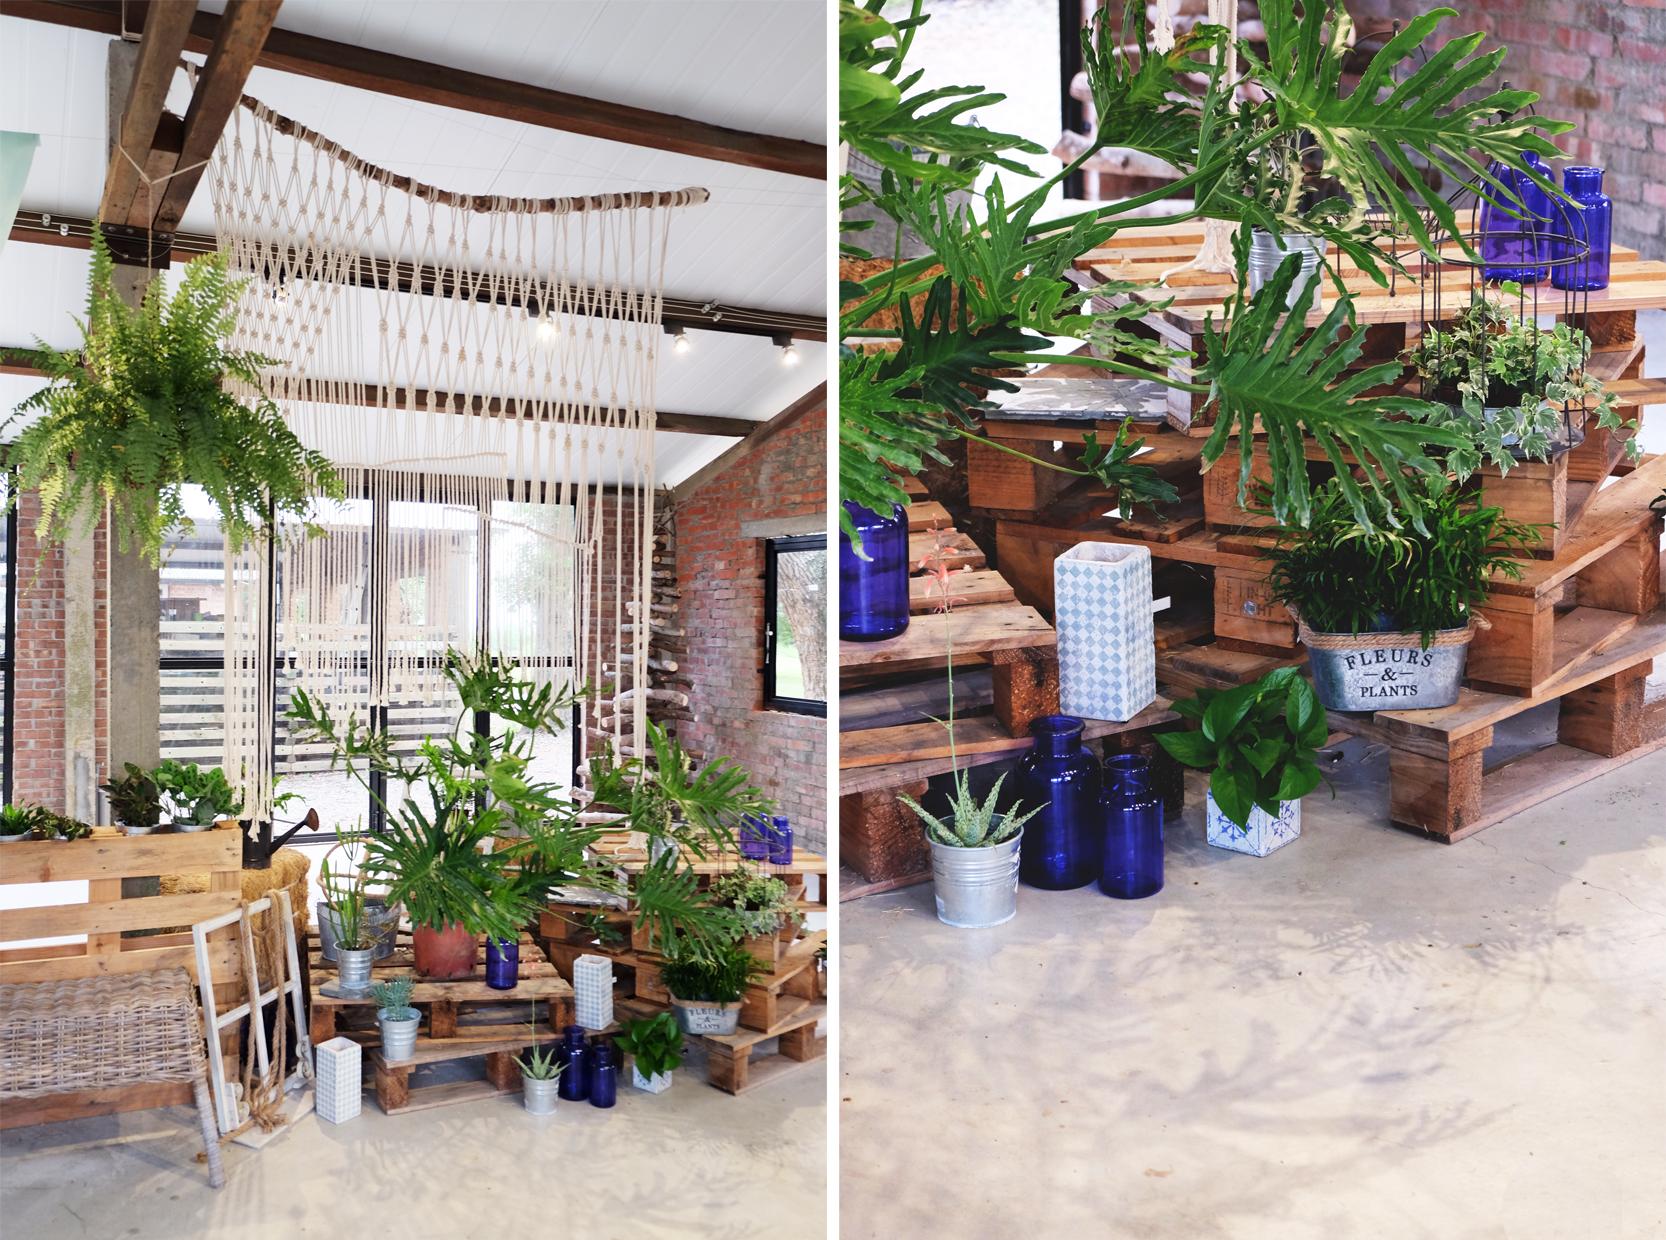 打造一區利用棧板堆疊起的角落, 在注入滿滿植栽和編織流蘇後,為臥室自然而然形成了一道隔間。